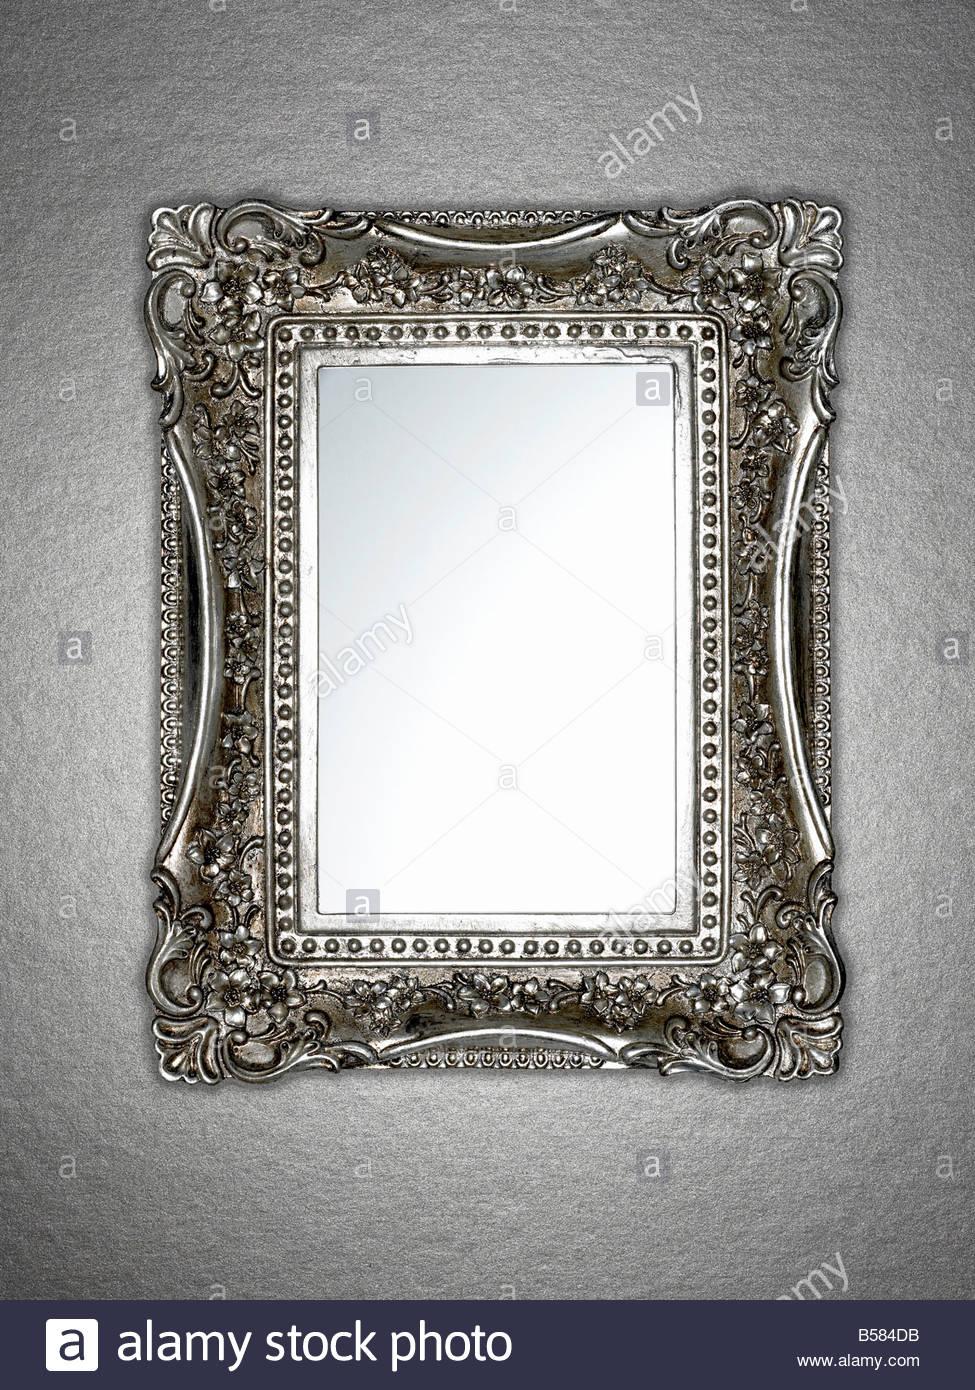 Ornately framed mirror - Stock Image